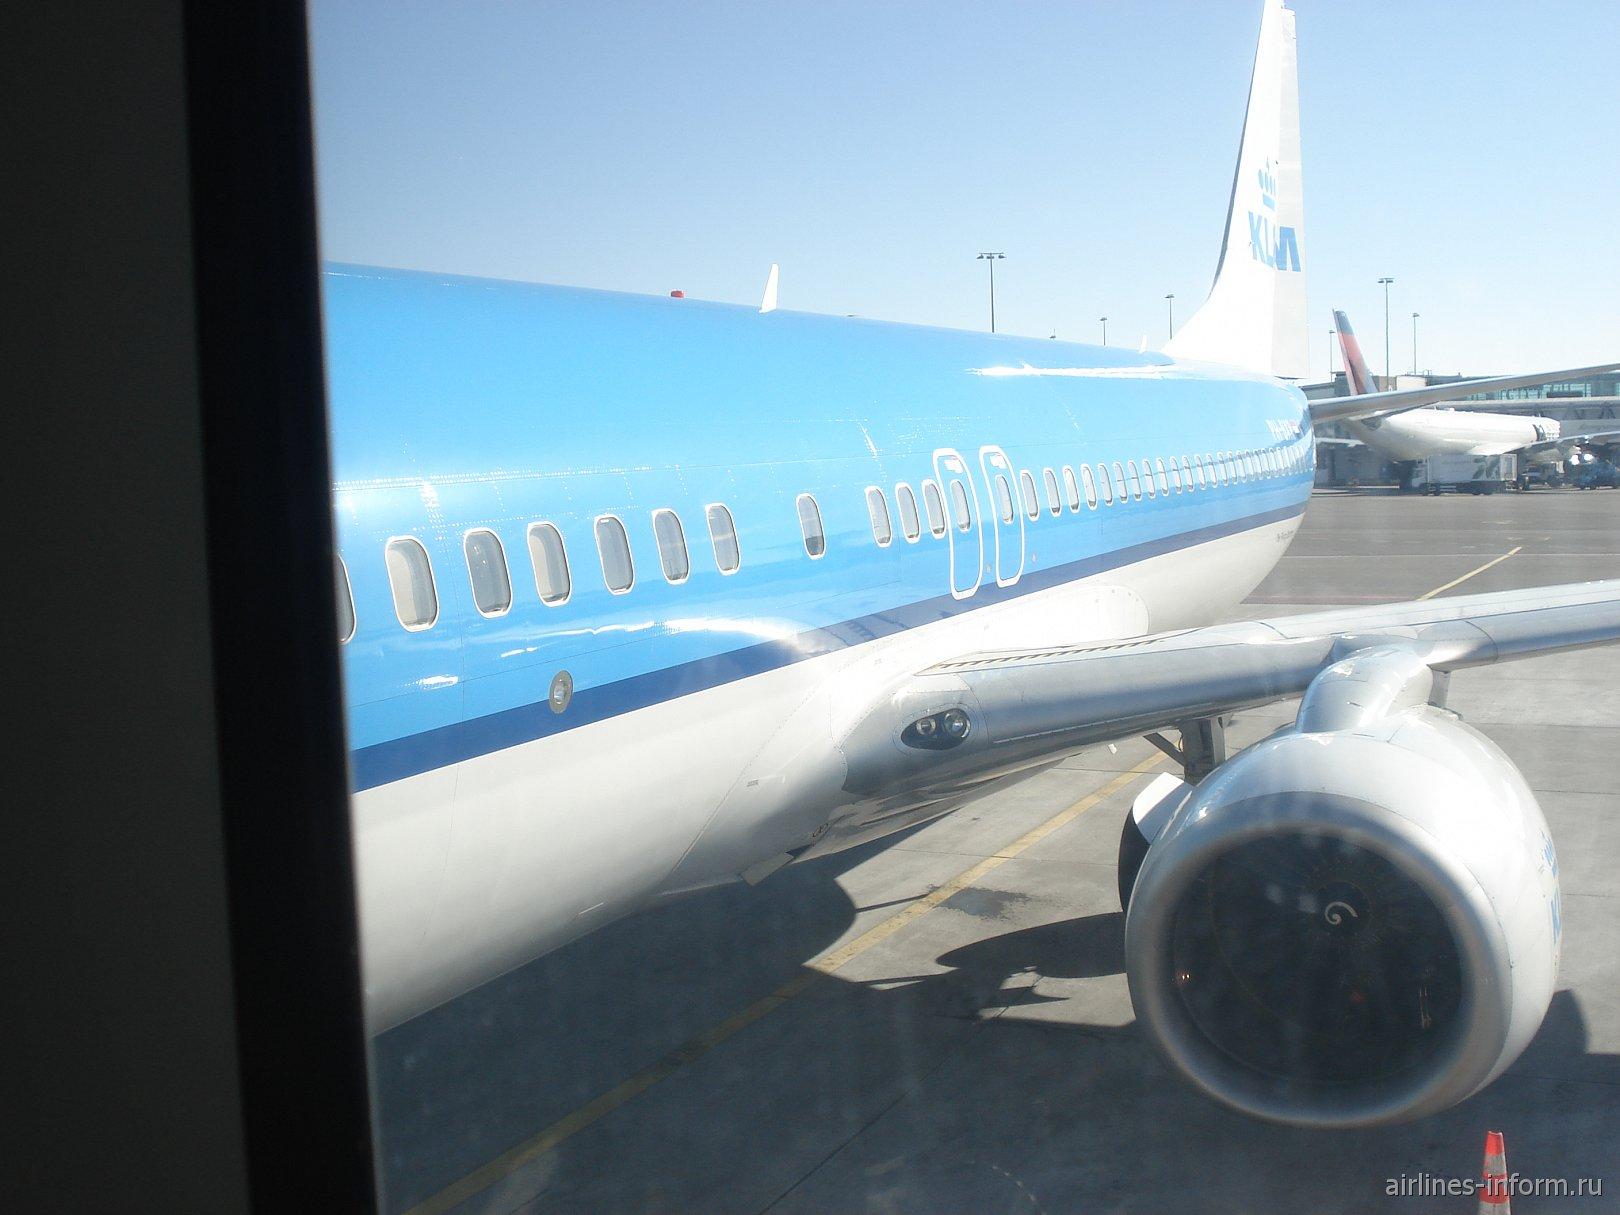 Европейские широты. Часть 4. Из Амстердама в Москву (AMS-SVO) c KLM на Boeing 737.